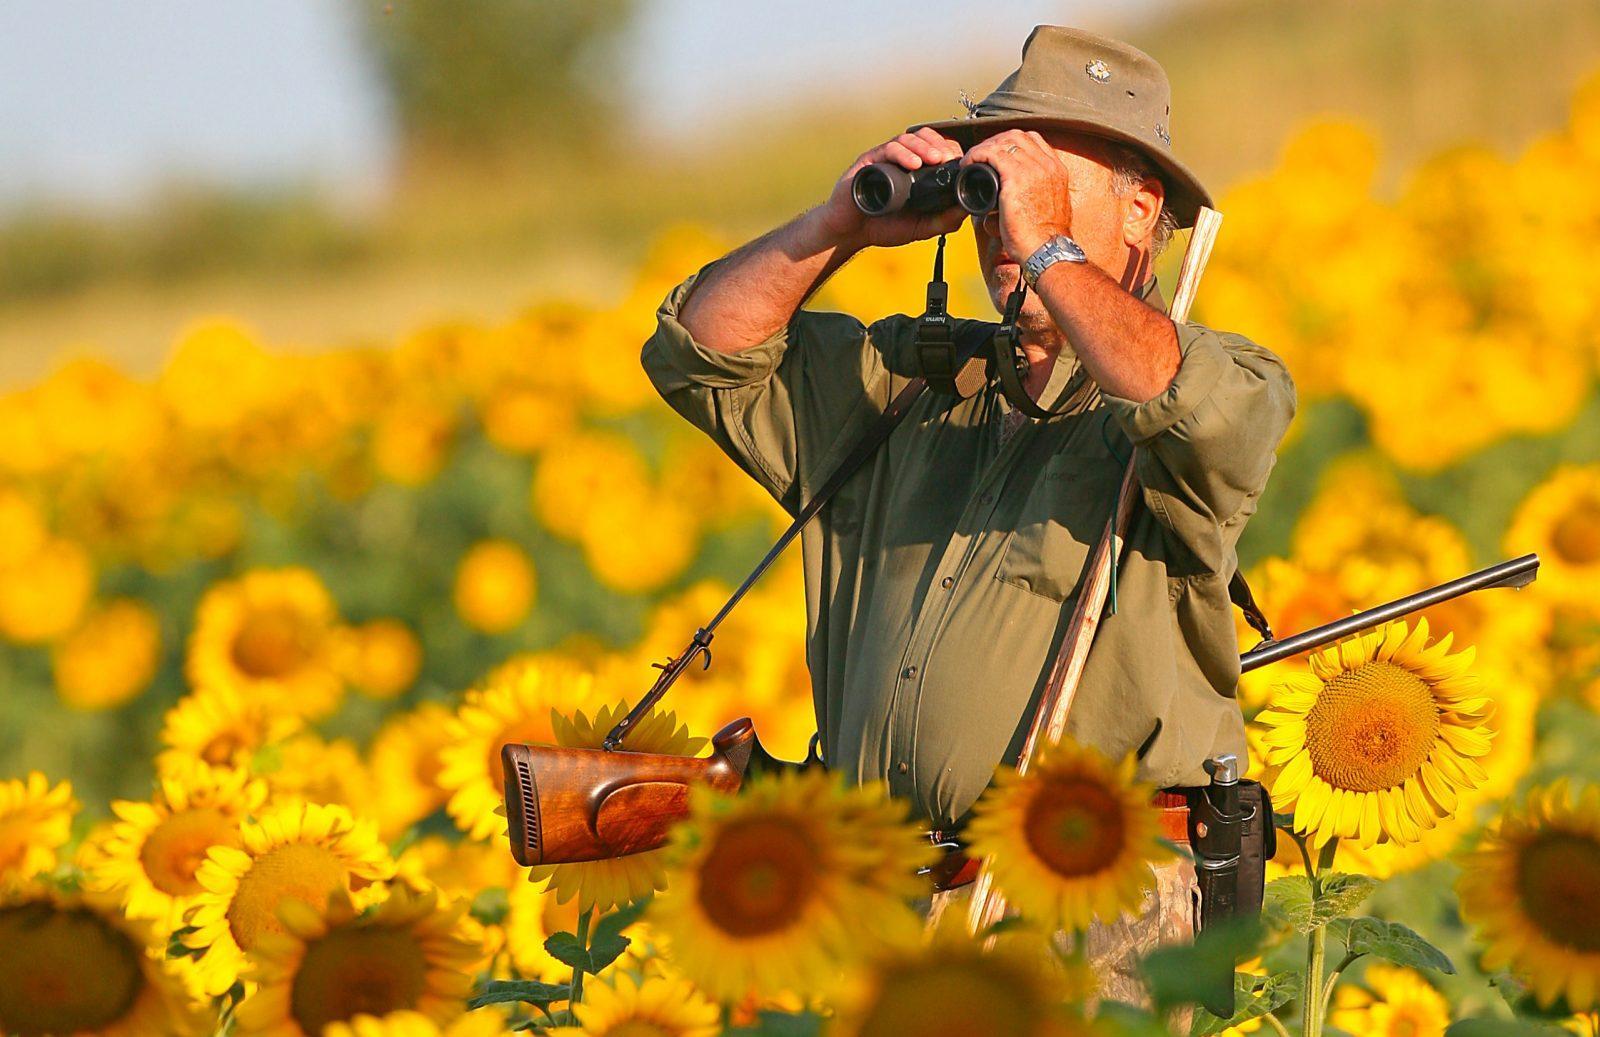 chasseur chasse à l'approche champs de tournesols